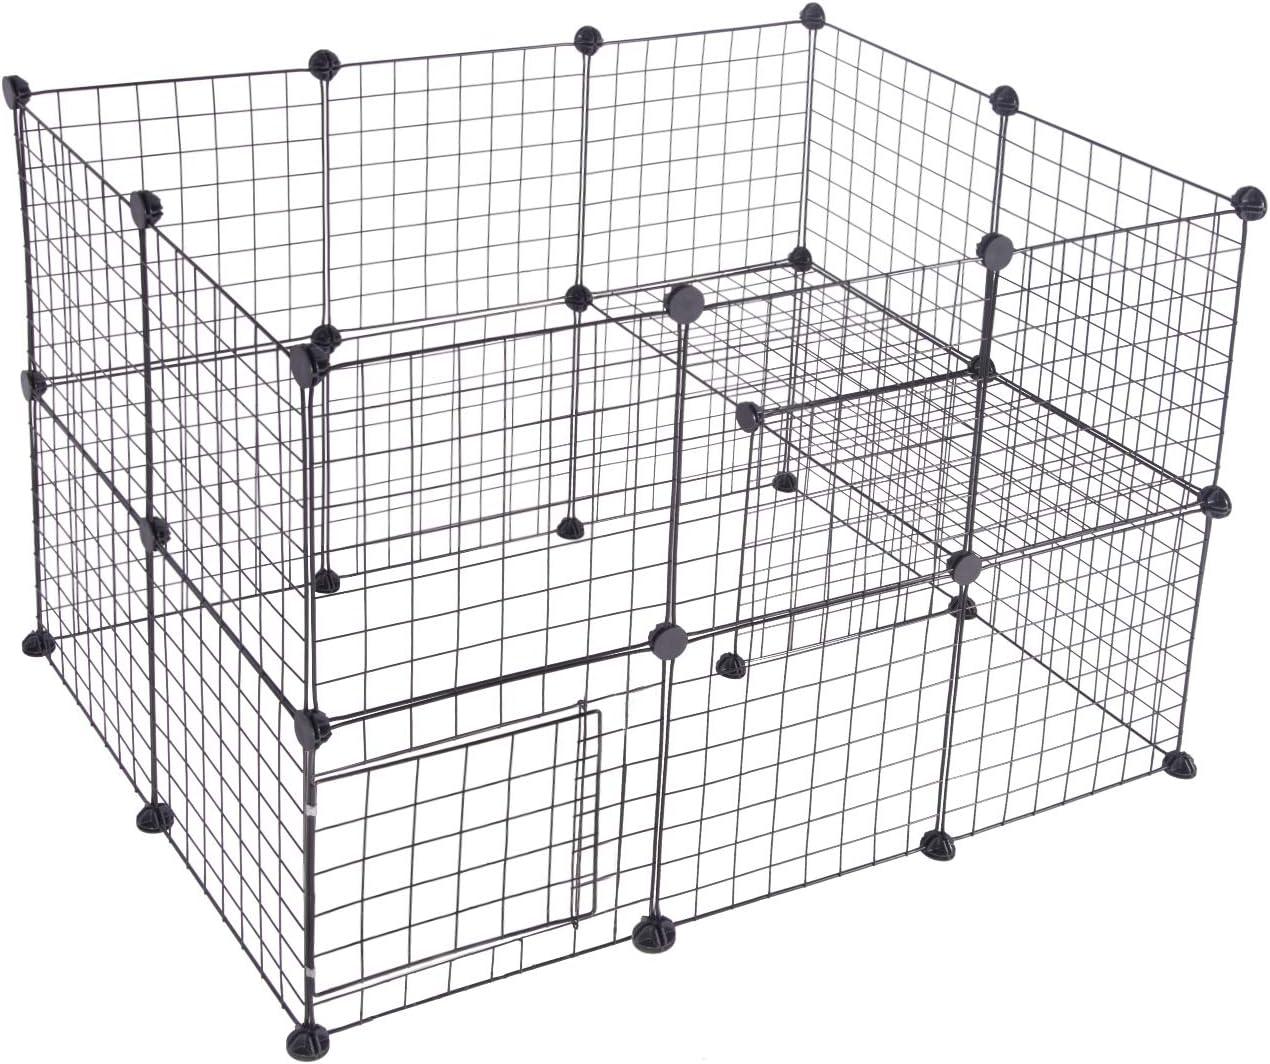 EUGAD DIY Jaula Modular Valla para Animales Pequeños, Parque para Mascotas para Hámsteres Cobayas Conejos Perros Gatos 24 Pieza Plástico/Metal Negro 0003WL